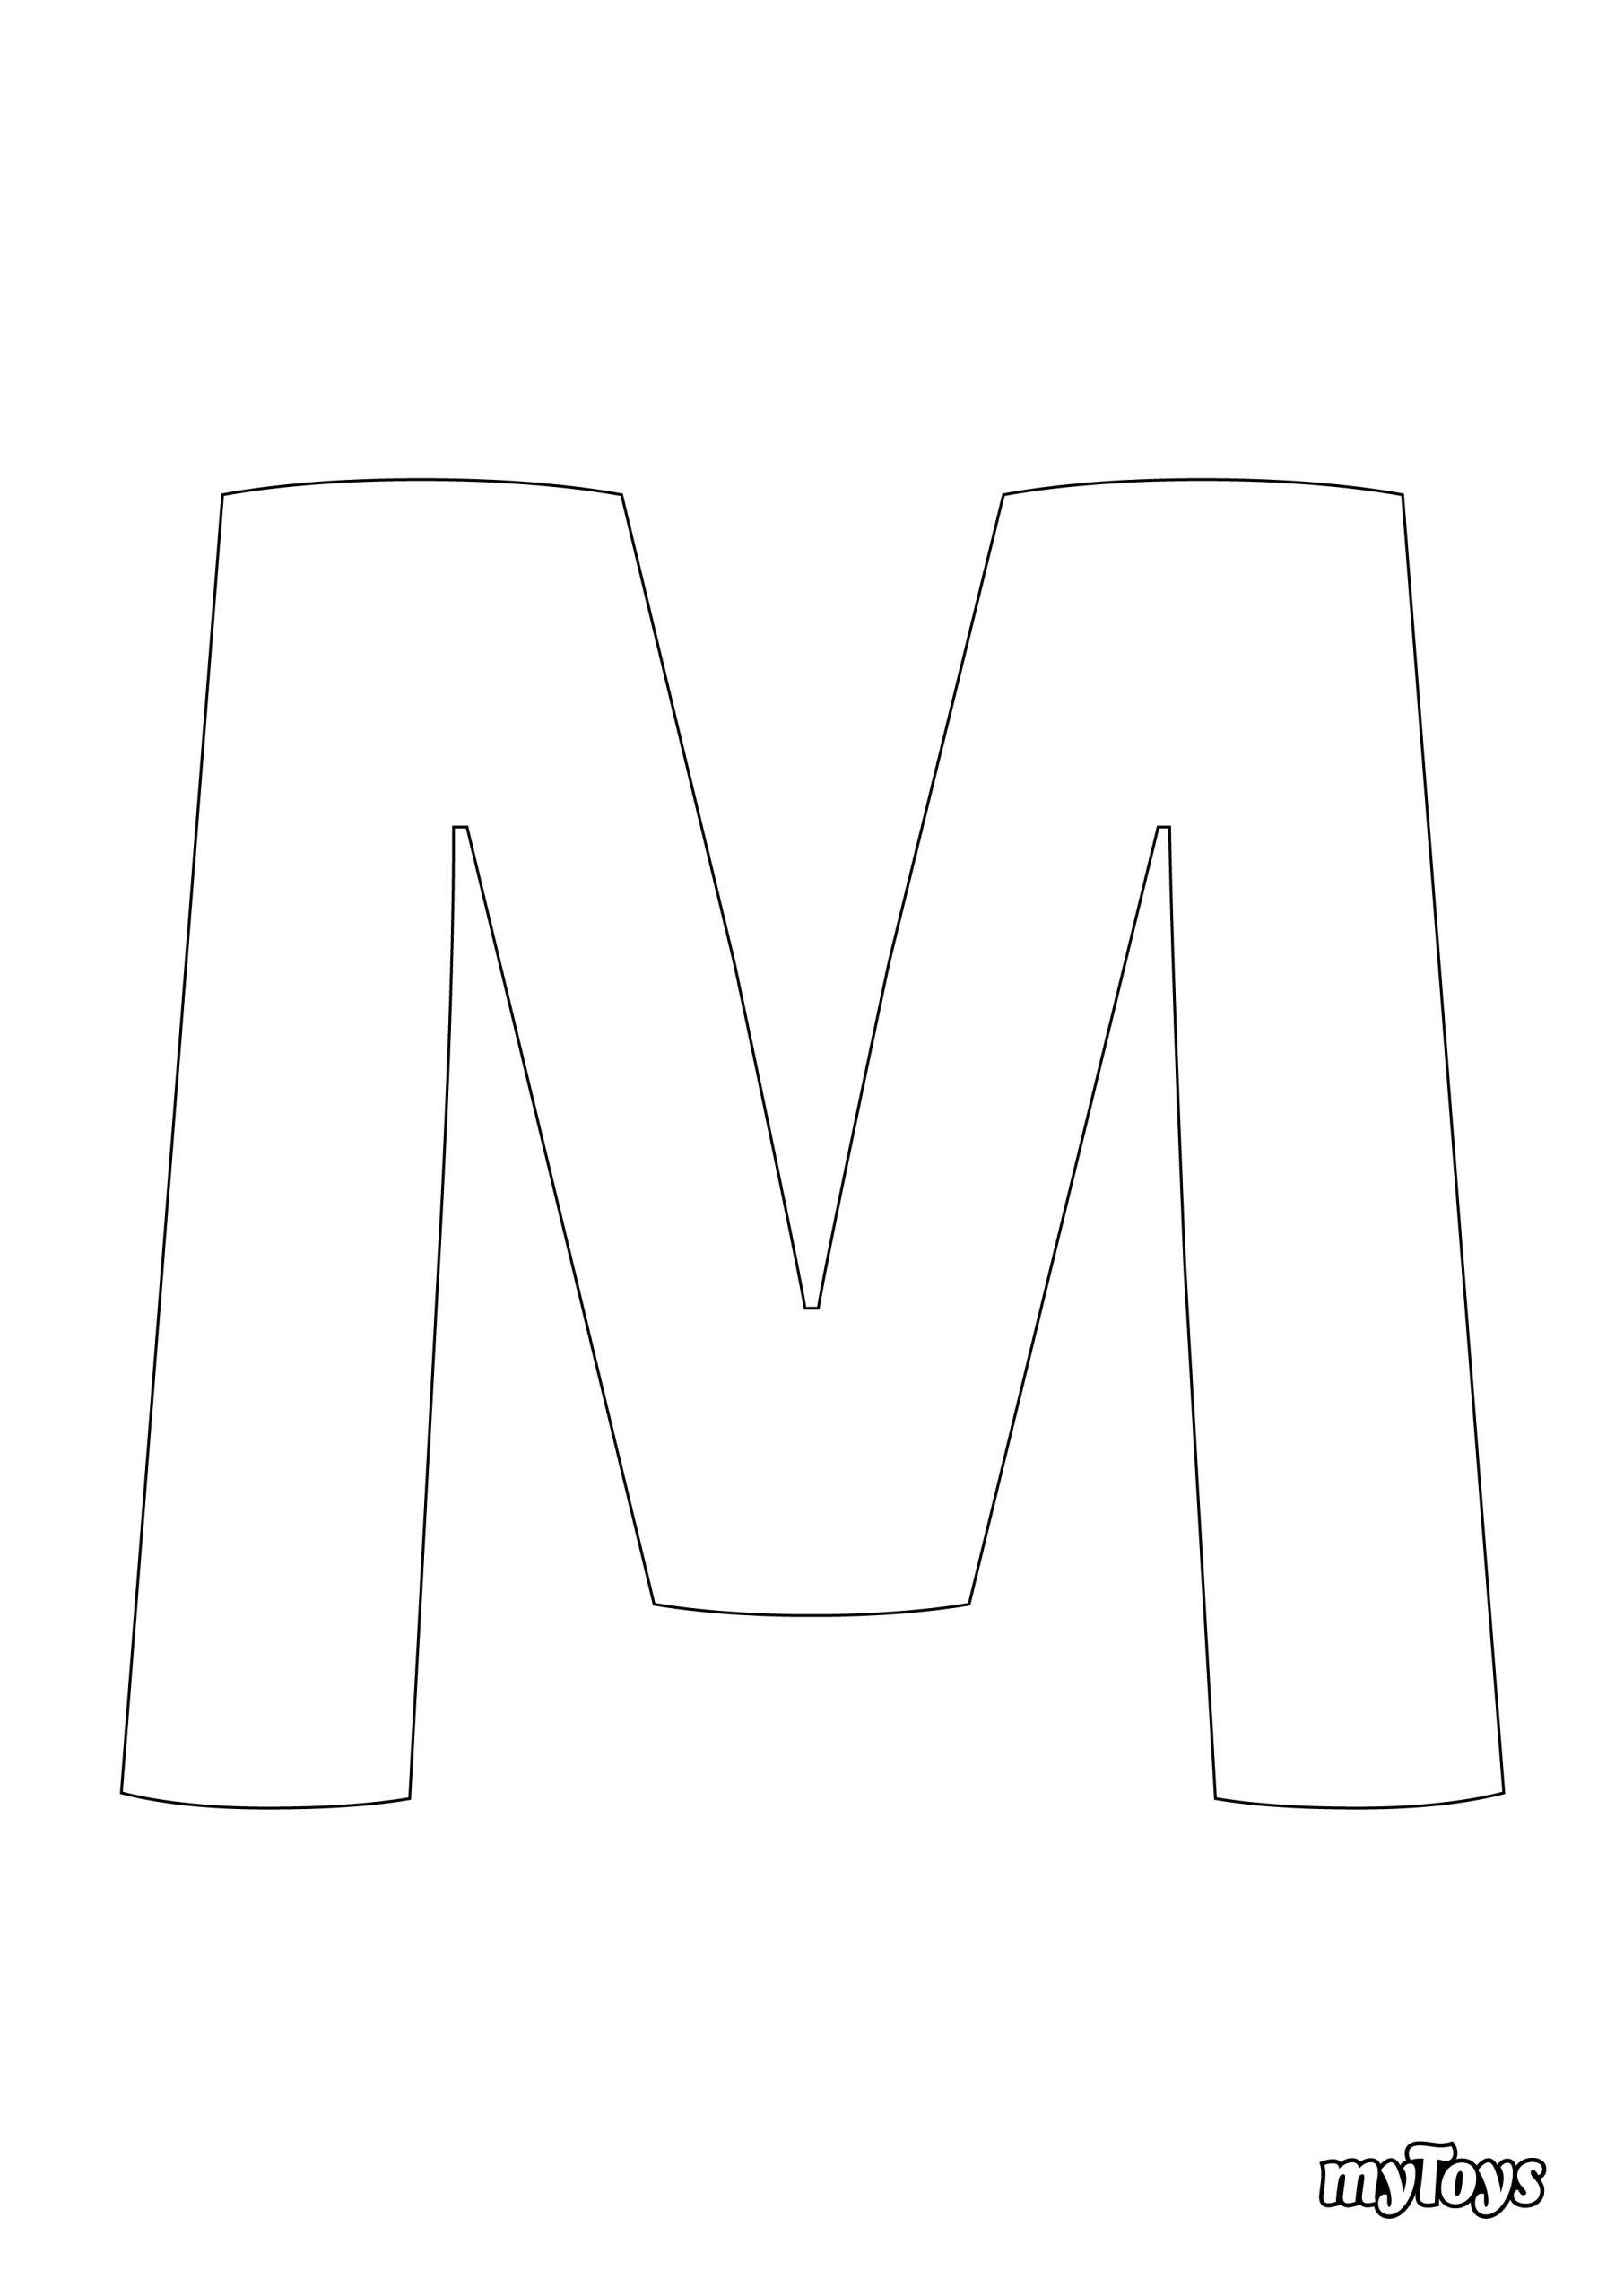 malvorlagen buchstaben kostenlos  kinderbilderdownload